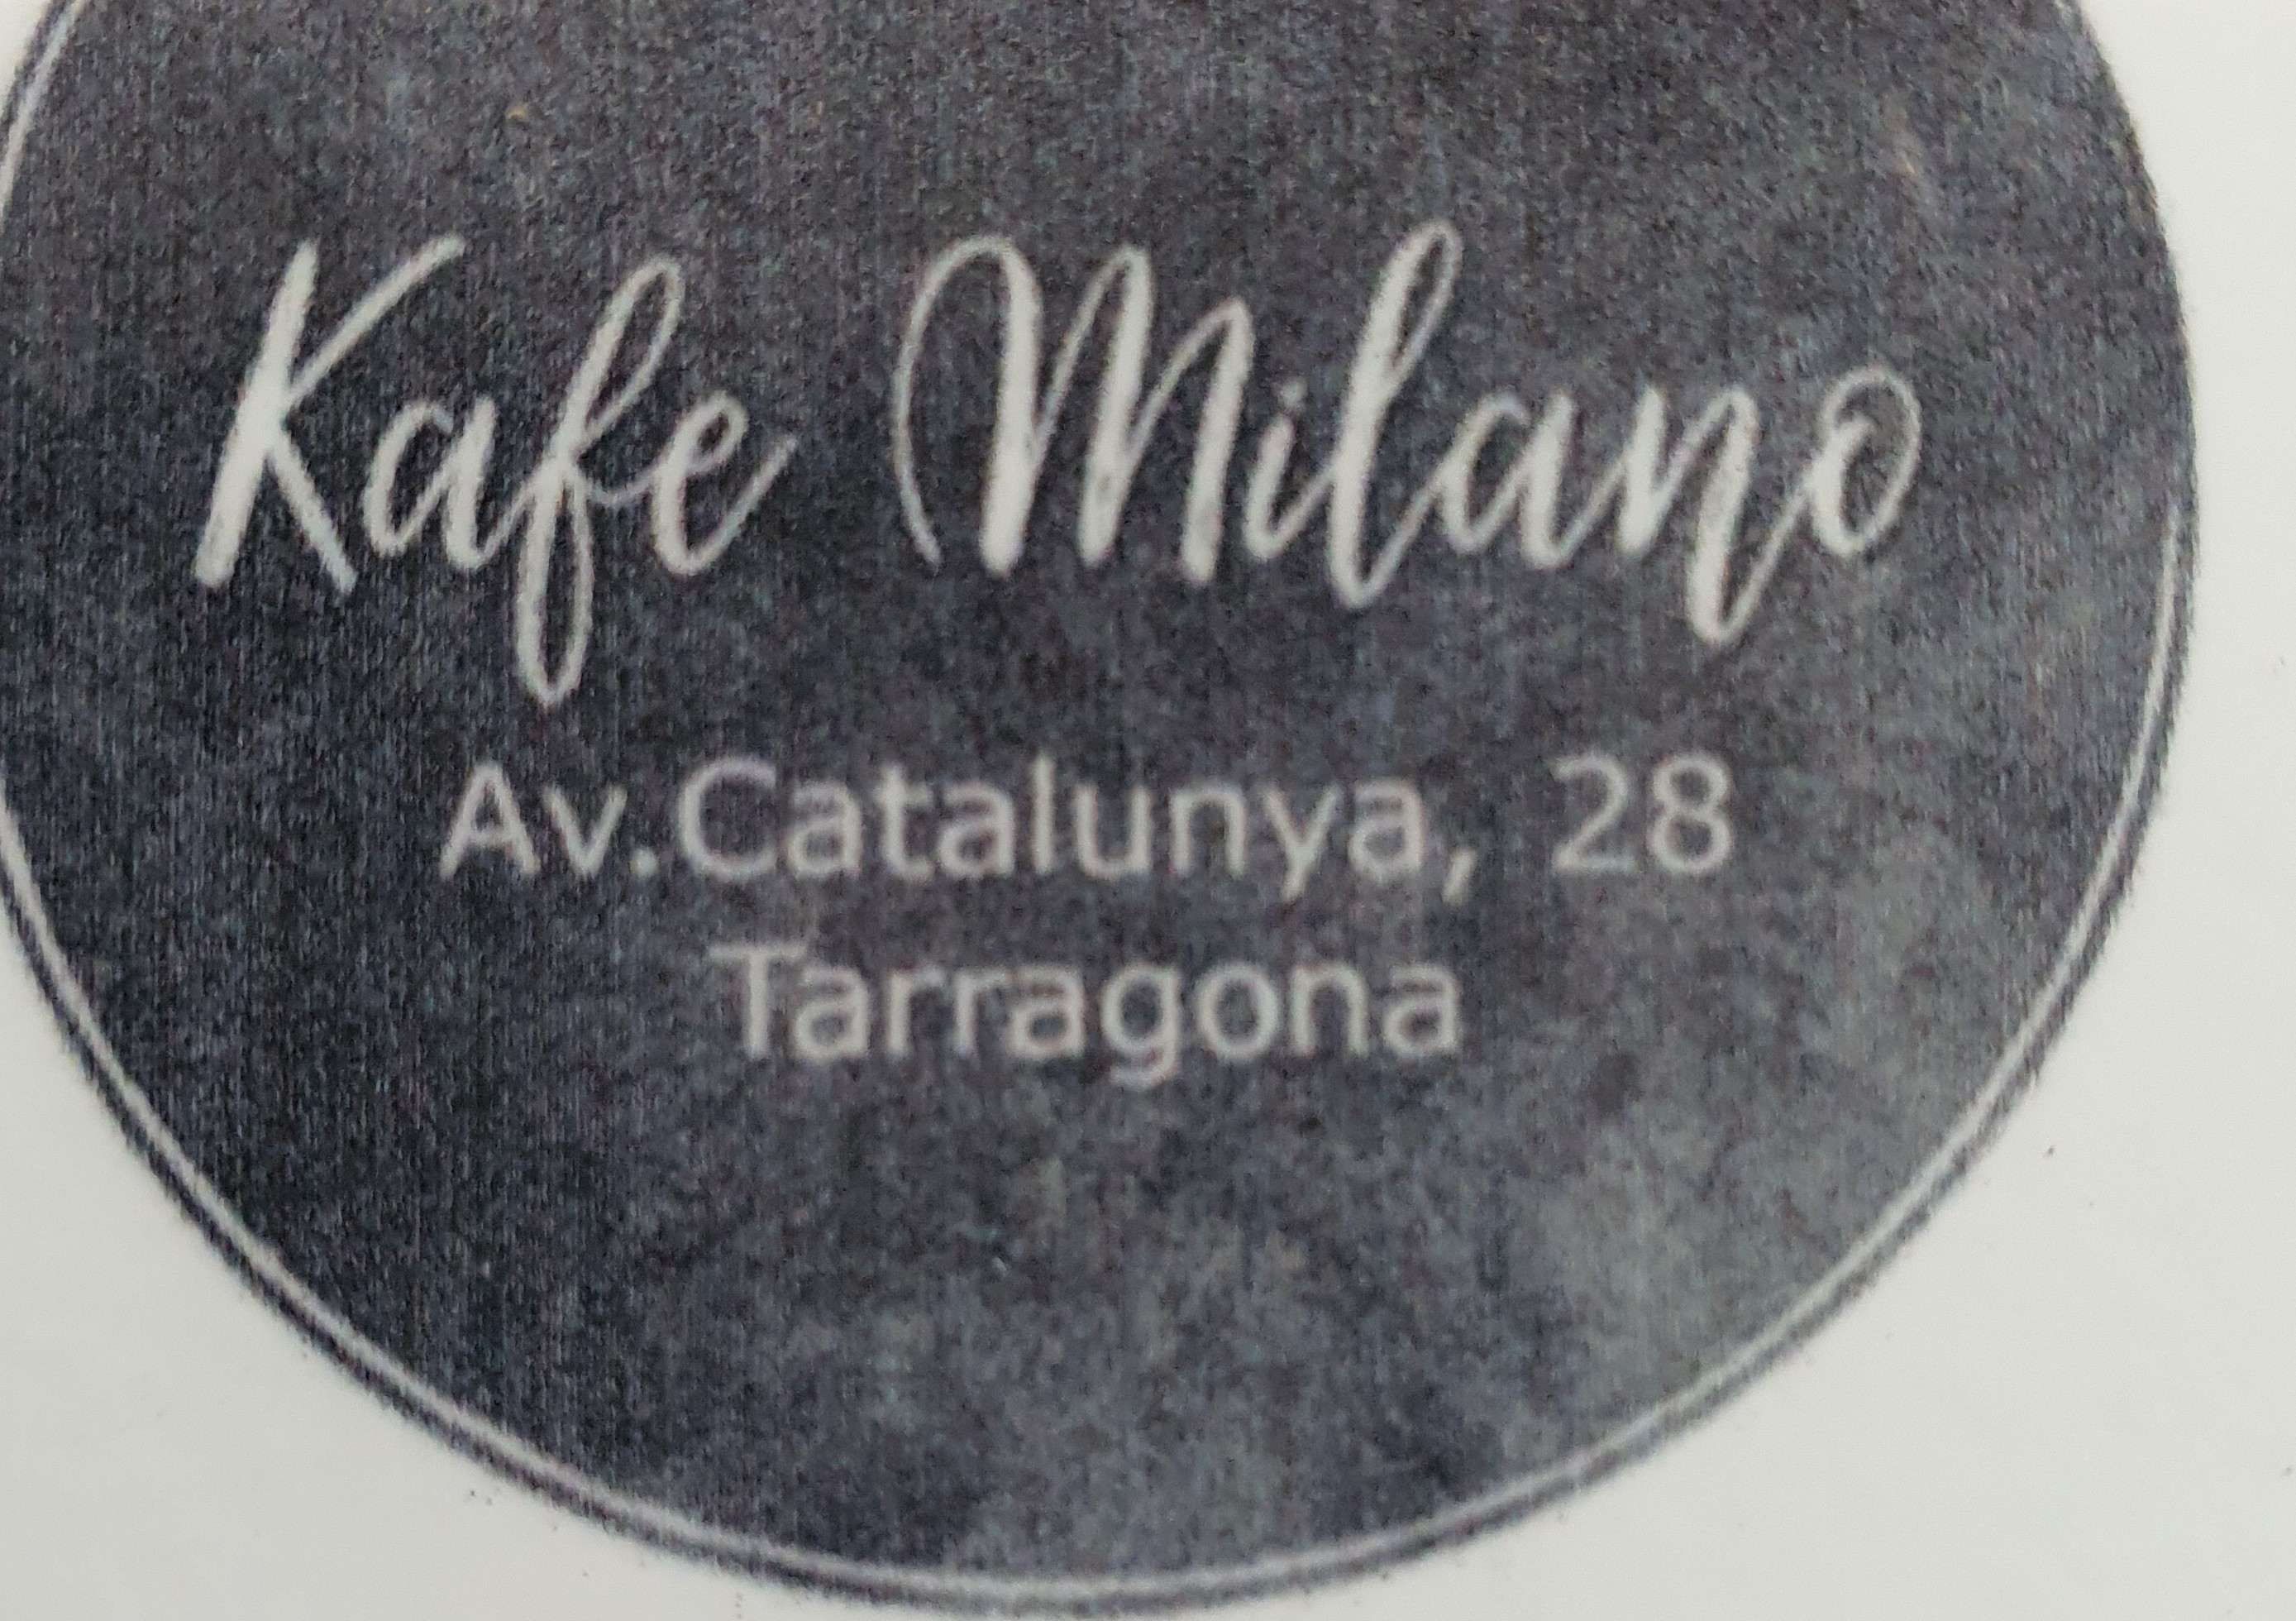 KAFE MILANO